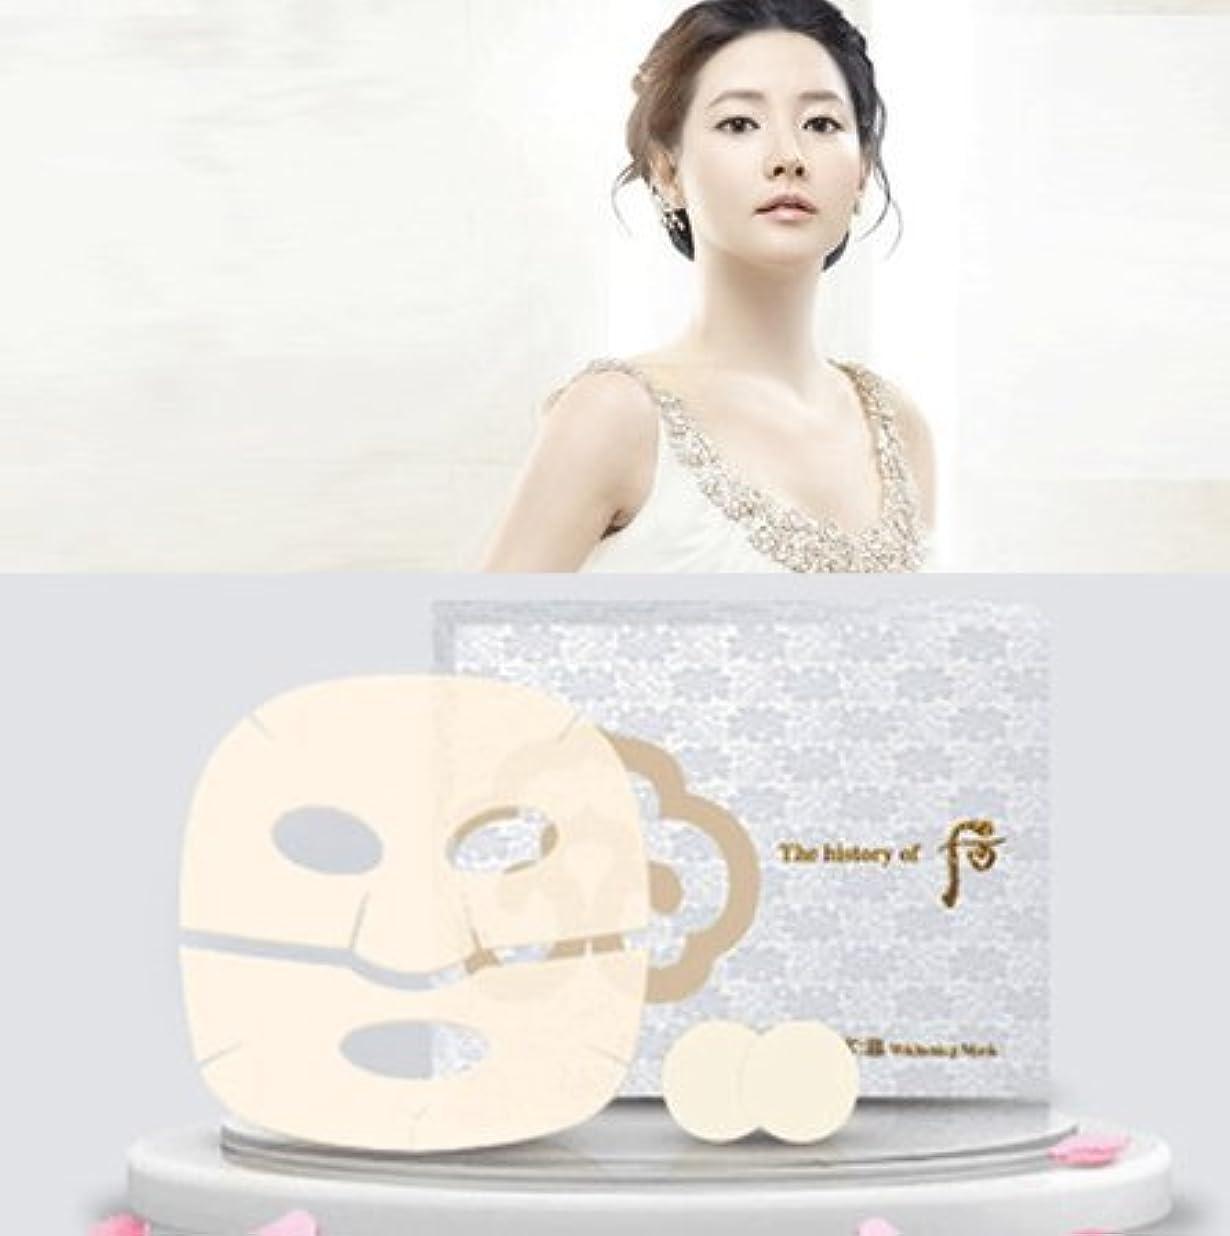 なめらかな学習手数料【フー/The history of whoo] Whoo后 ゴンジンヒャン 美白 光 マスク8枚入/ Gongjinhyang Mask Sheet 8ea+ Sample Gift(海外直送品)